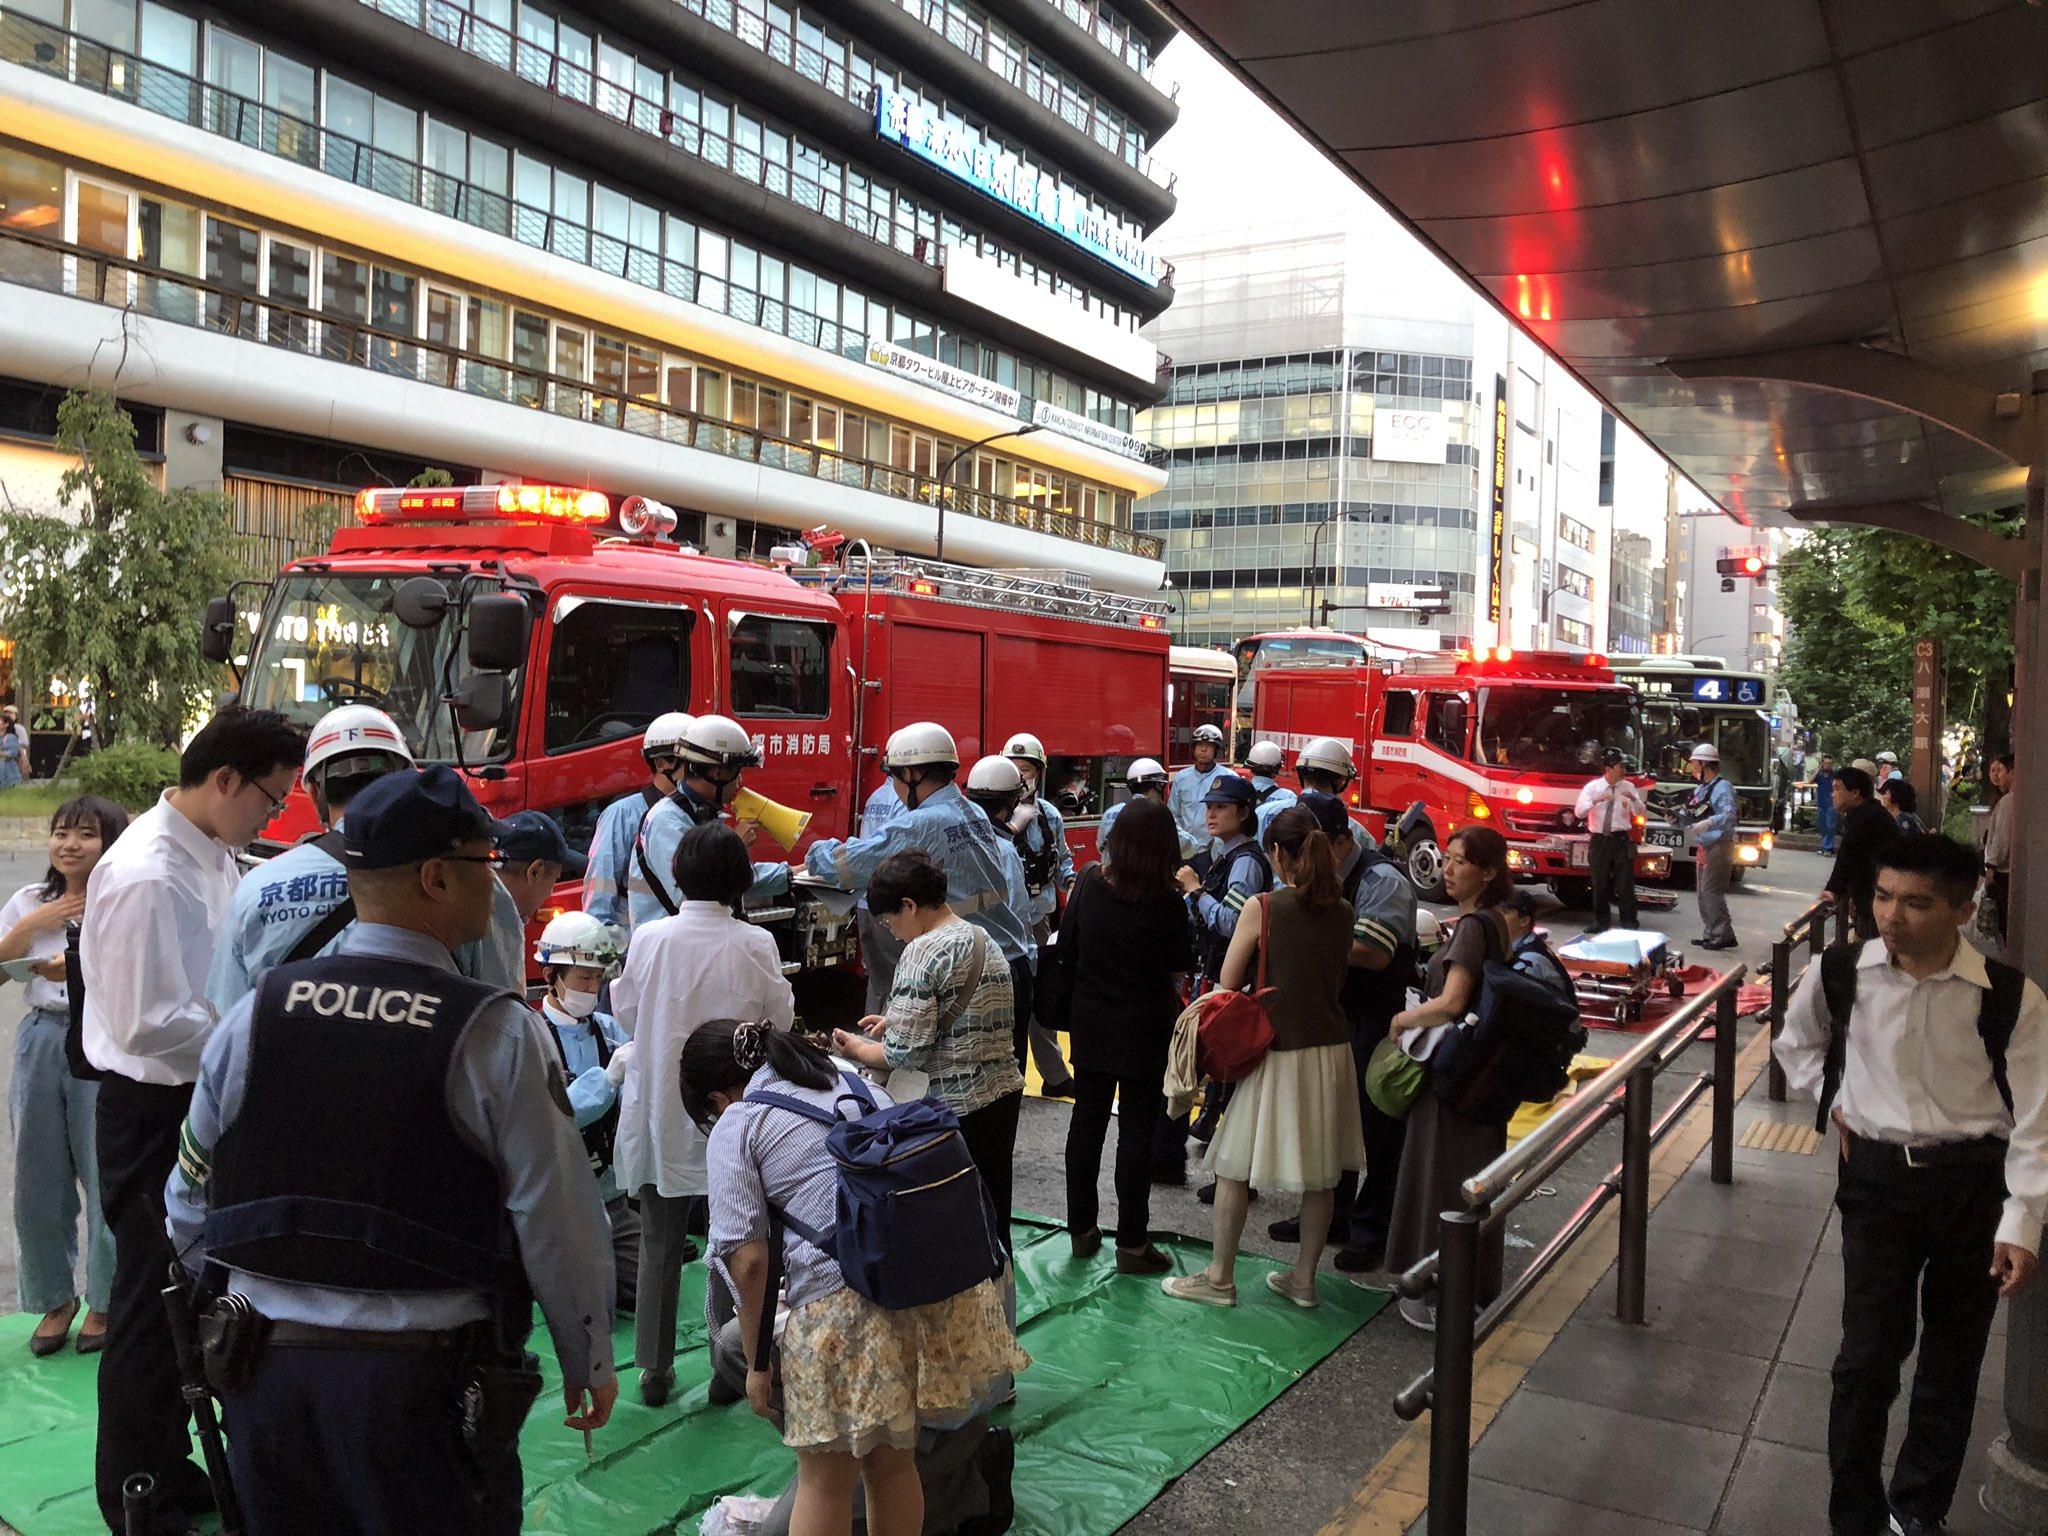 京都駅の4系統バスの交通事故でけが人の確認をしている現場の画像